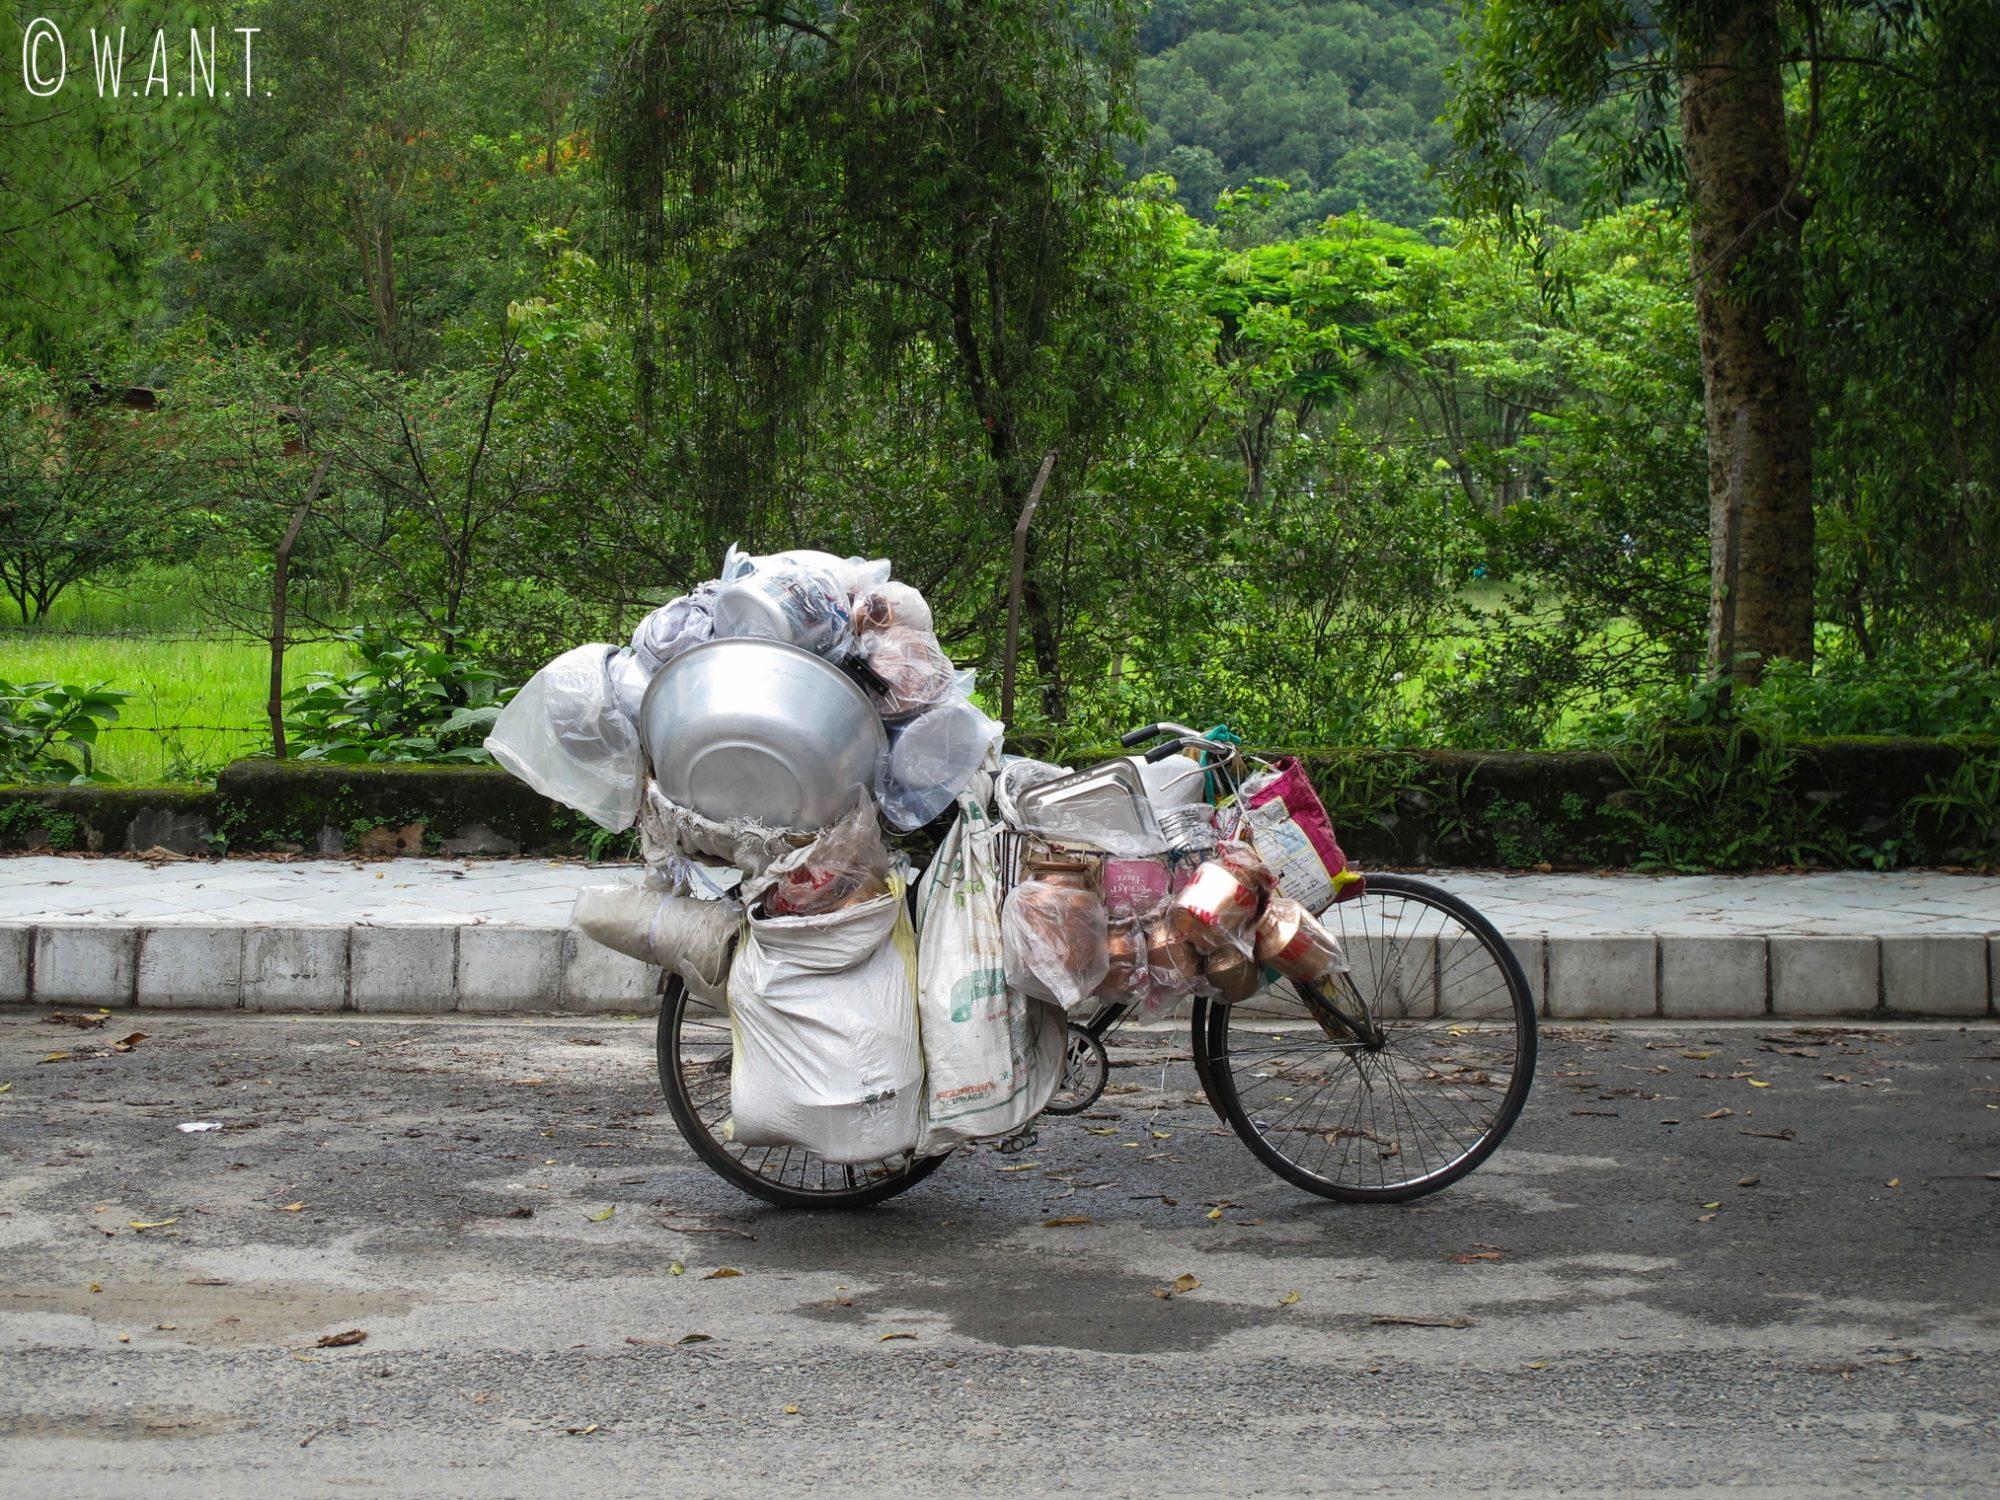 Les marchands ambulants sur déplacent à vélo dans les rues de Pokhara